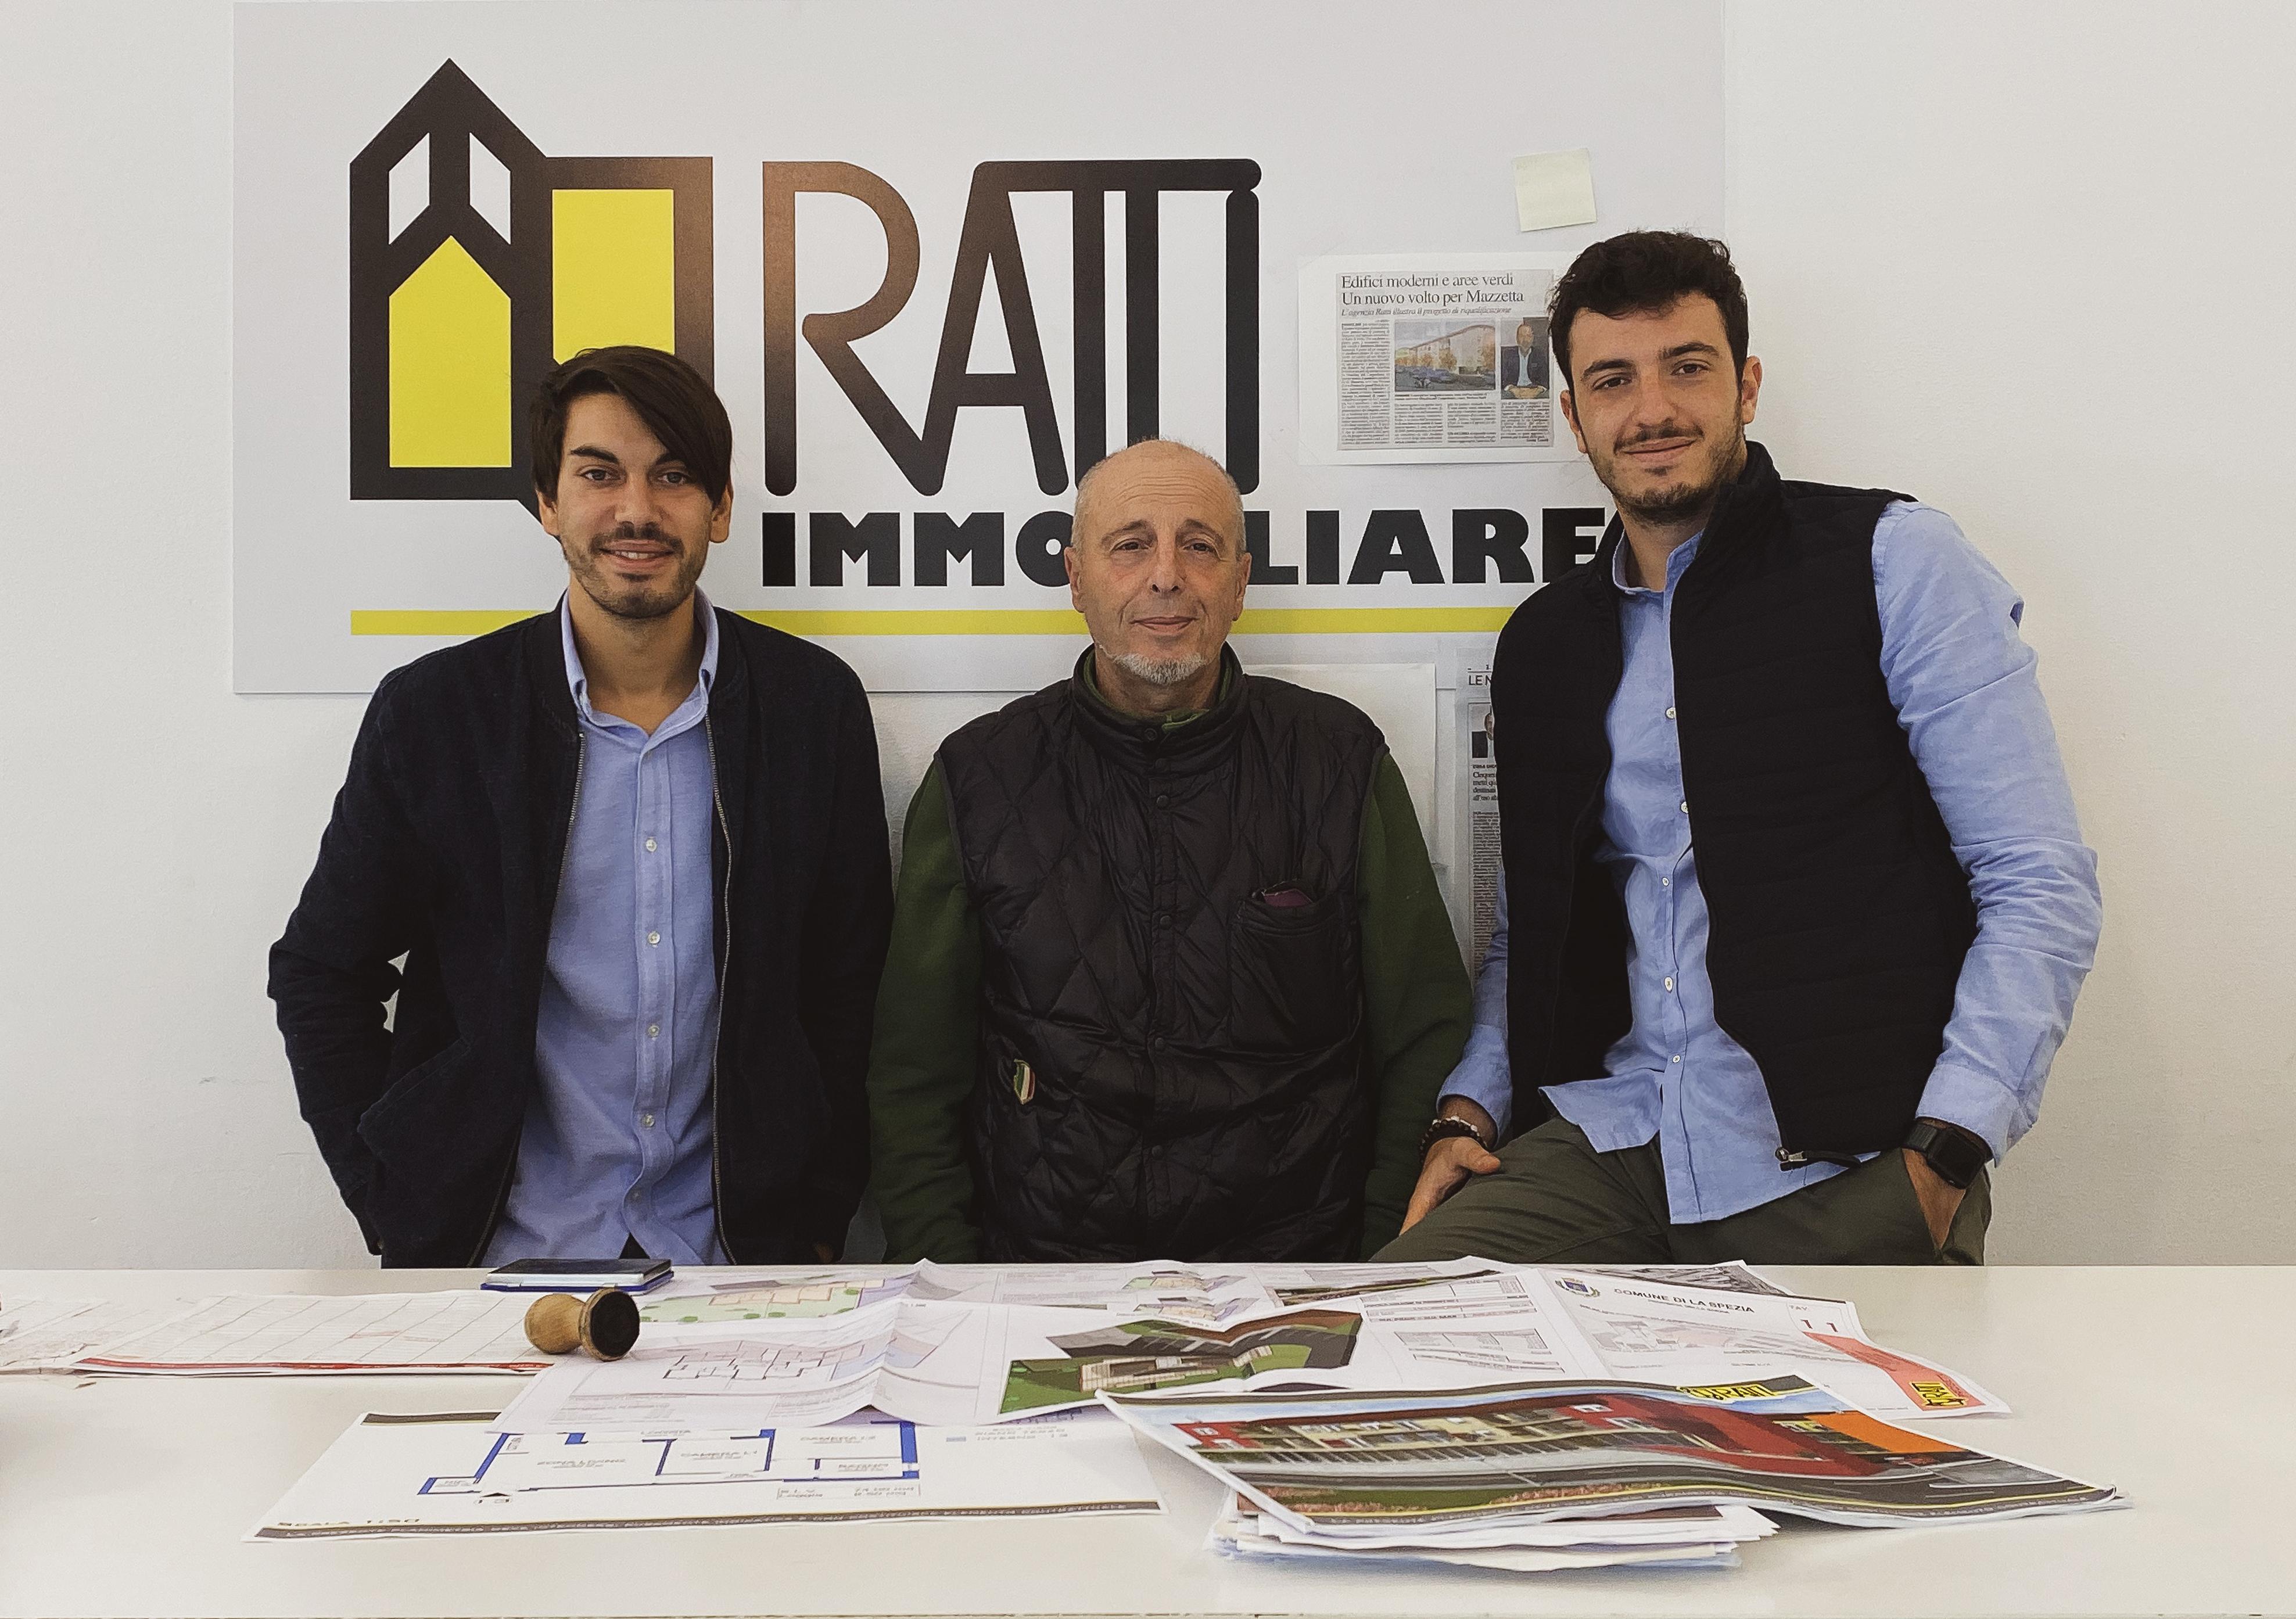 Studio Architettura e Studio Tecnico Ratti Immobiliare La Spezia